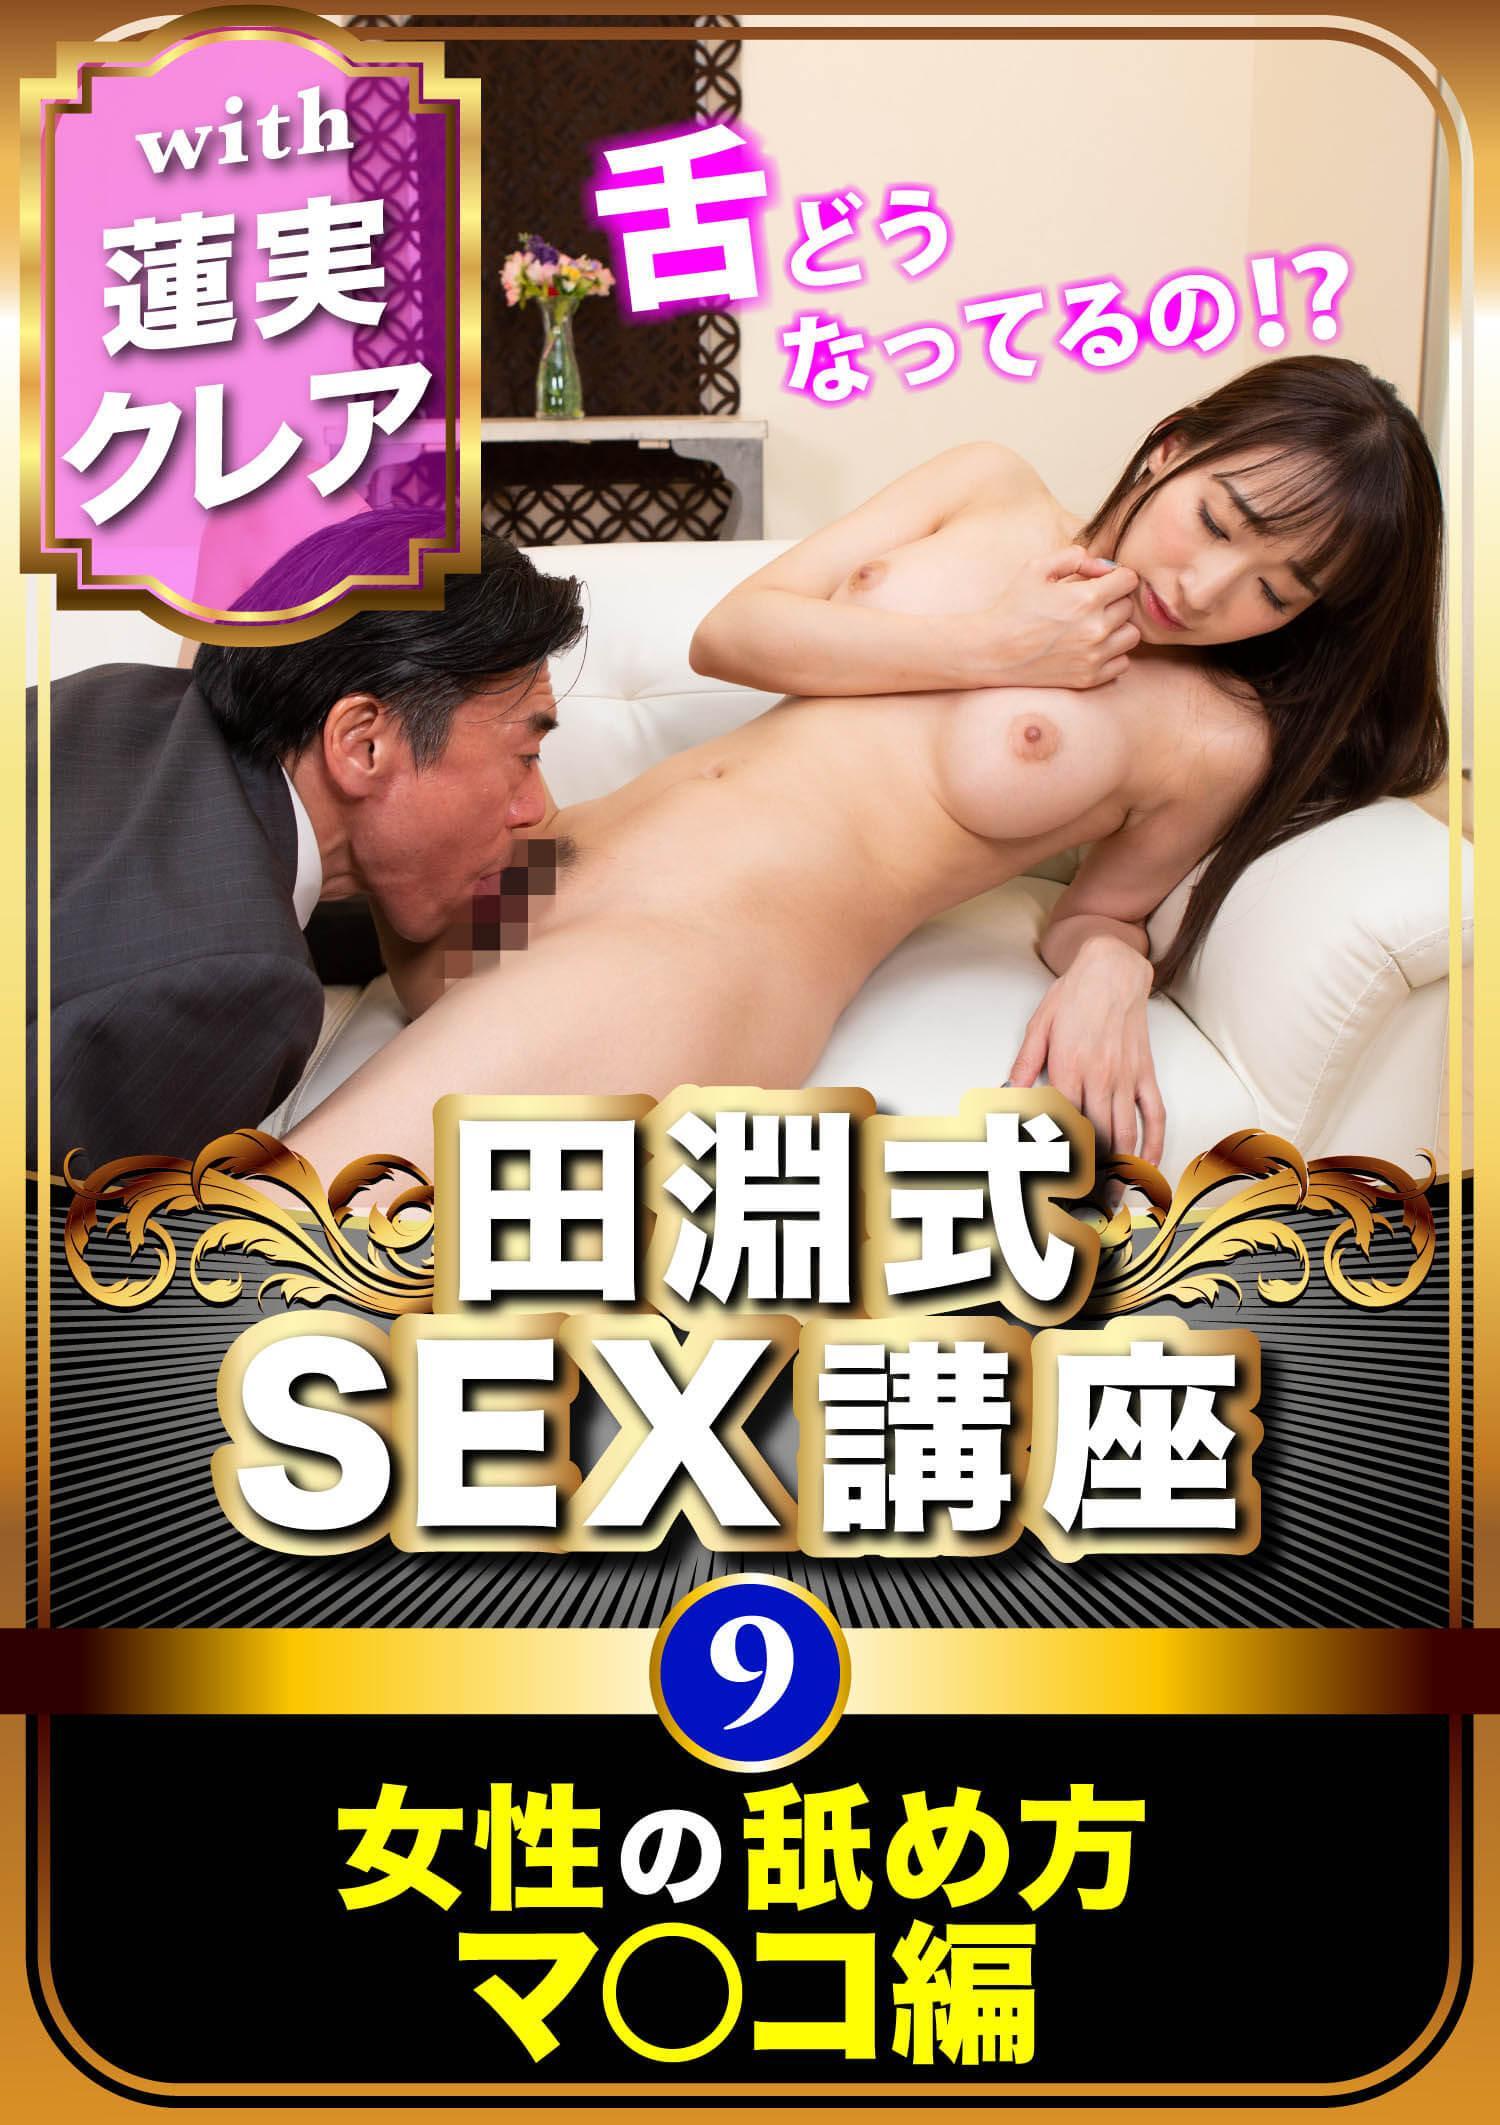 田淵式SEX講座9 女性の舐め方 ま〇こ編